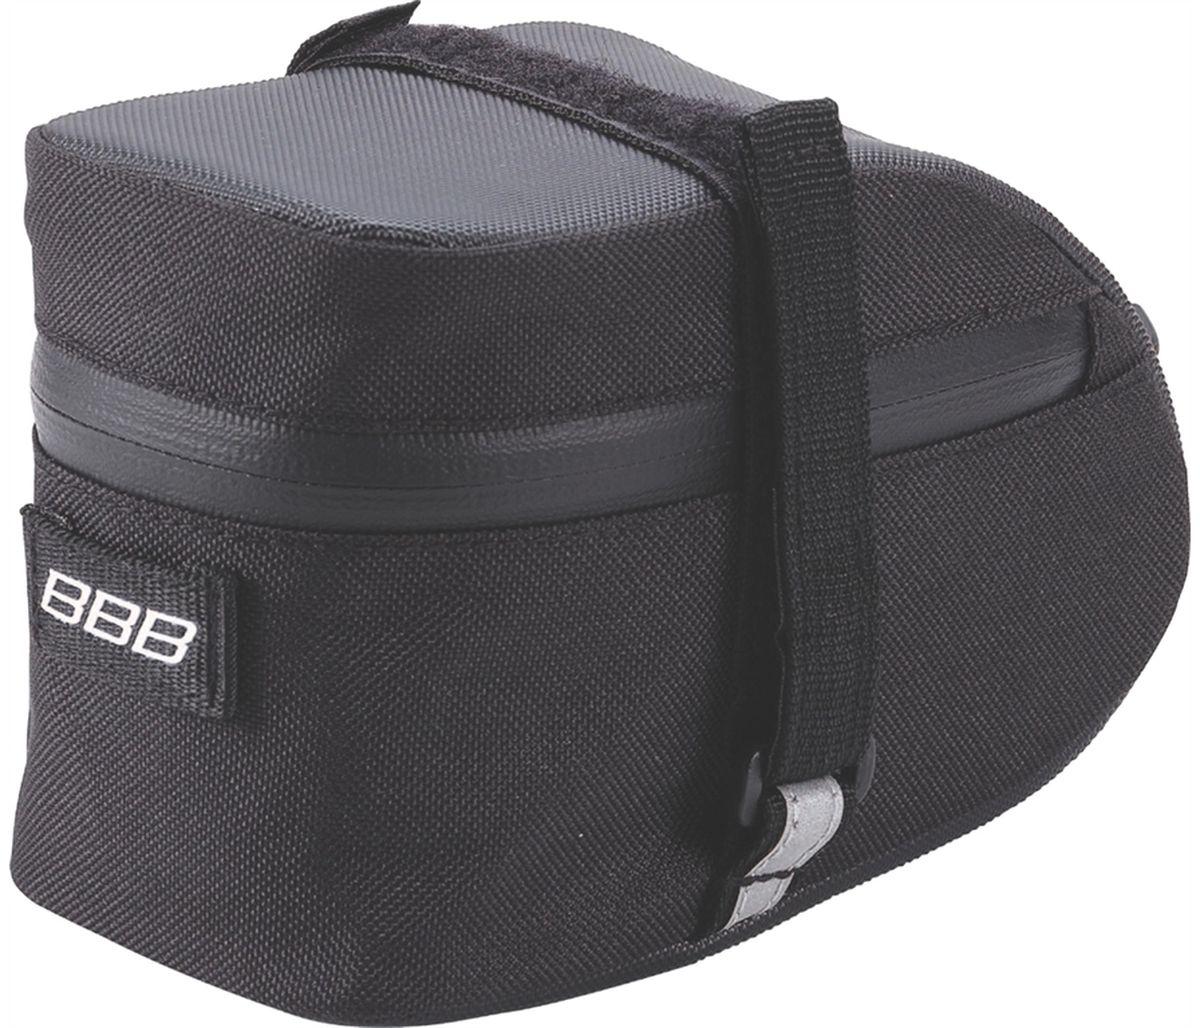 Велосумка под седло BBB EasyPack, цвет: черный. Размер MBSB-31MТехнологичная подседельная сумка в линейке - применяются лучшие материалы и новейшие технологии. Синяя подкладка для лучшей видимости содержимого. Эластичный ремешок и карман для простоты организации содержимого вашей сумочки . Водонепроницаемая молния с фиксатором для дополнительной безопасности и абсолютно бесшумная при езде. Крепление для заднего габарита-LED фонарика. Черная светоотражающая полоска для лучшей видимости. Двойная застежка на липучке для простой и быстрой установки/снятия. Резиновый ремешок крепления к подседельному штырю для надёжной фиксации сумочки и во избежание повреждений лайкровых шорт и подседельного штыря. M (640см3)